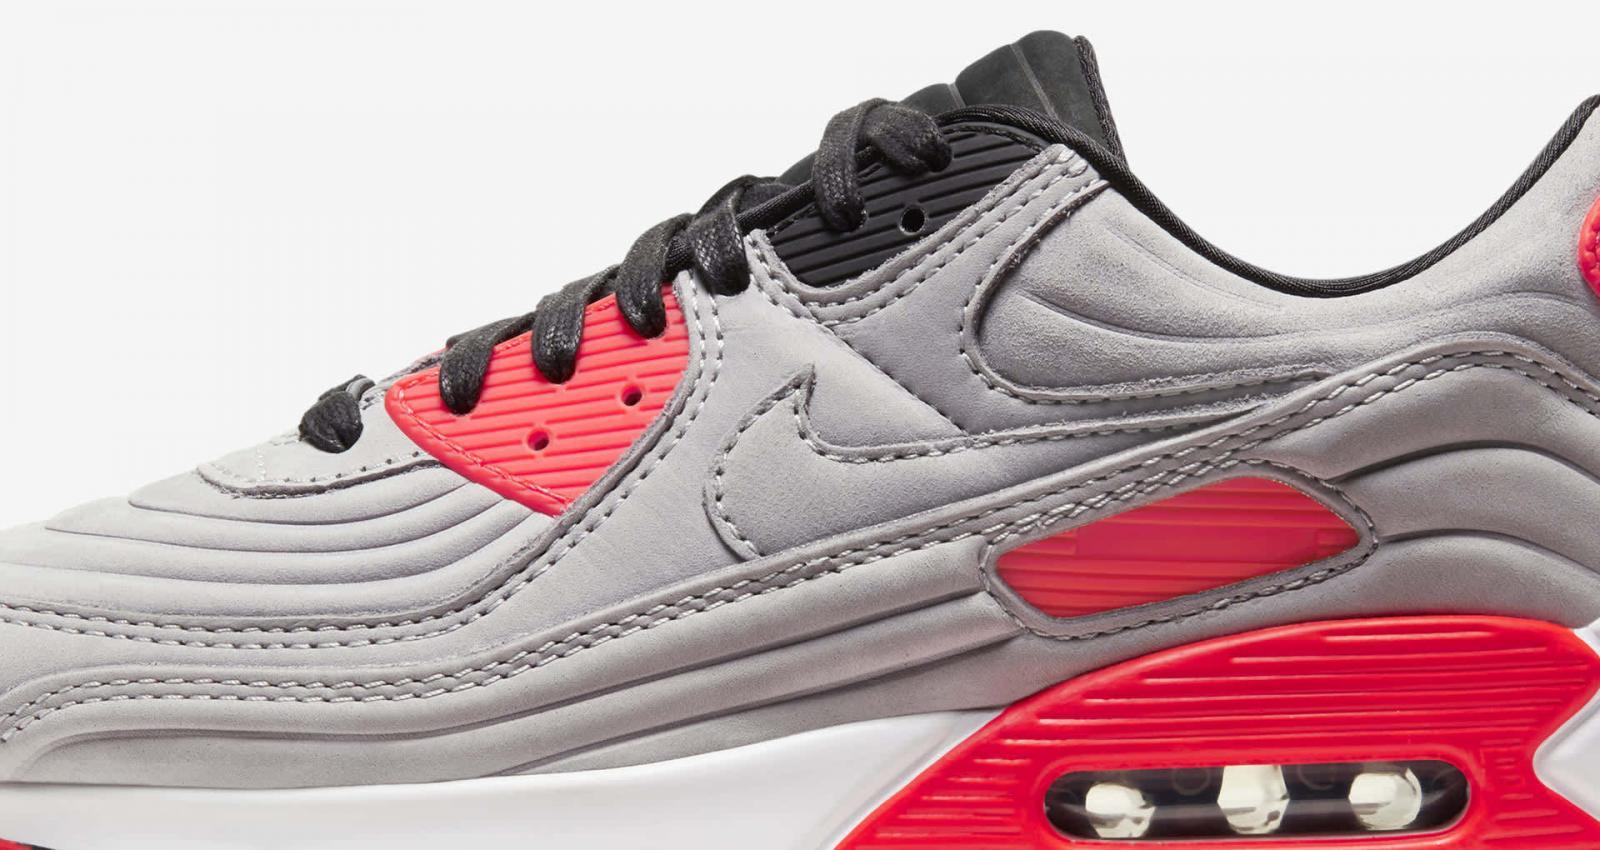 注入新鲜气息,Nike Sportswear发布全新Air Max 90 Lux